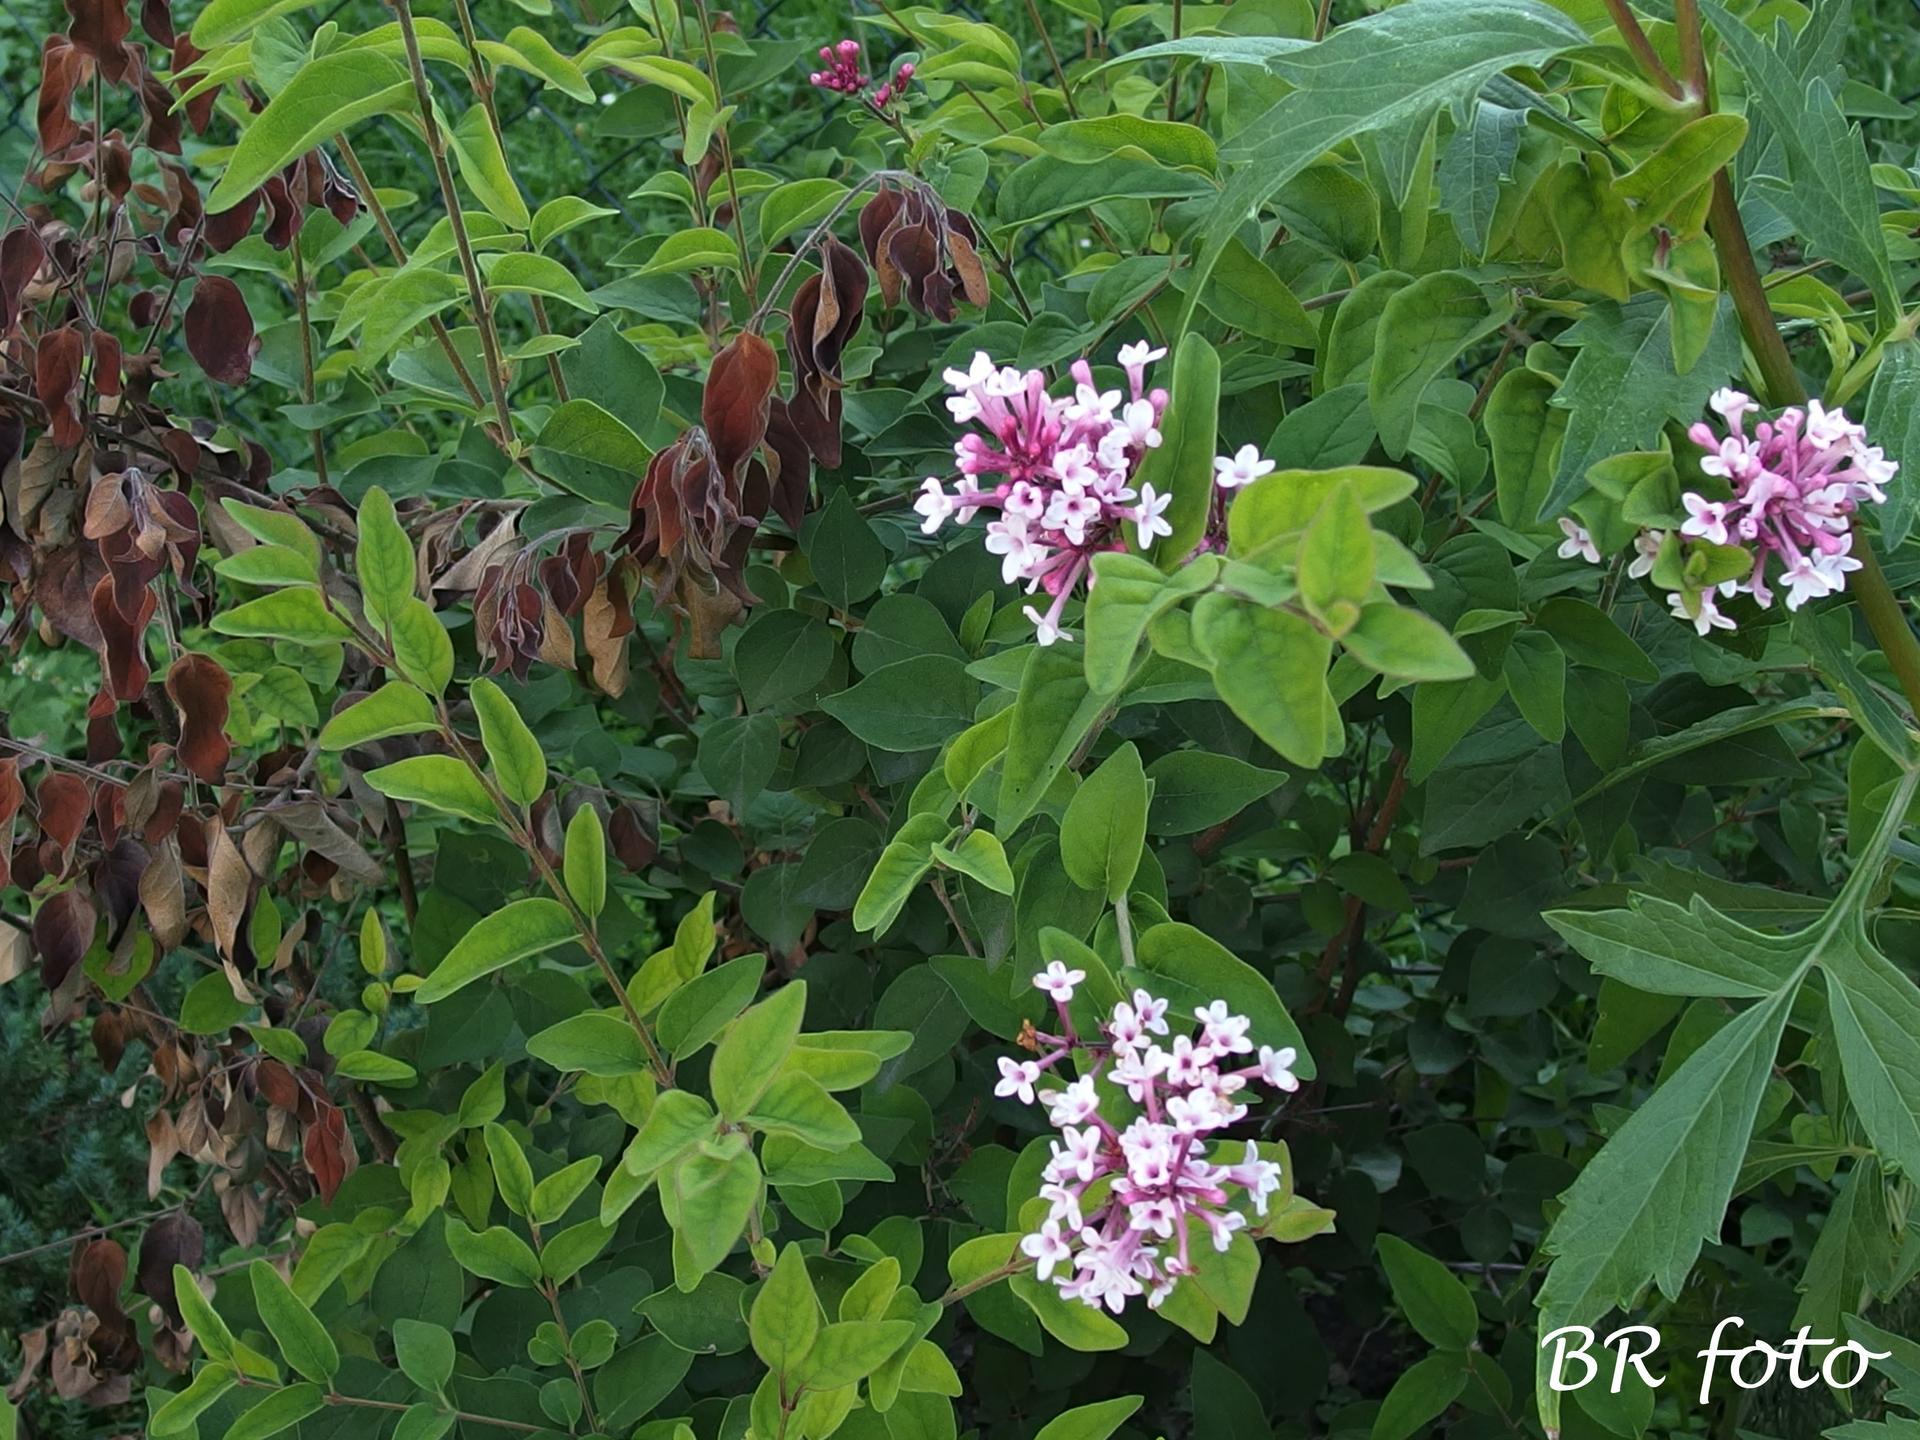 Zahrada v létě - šeřík - část uschla, část vykvetla......